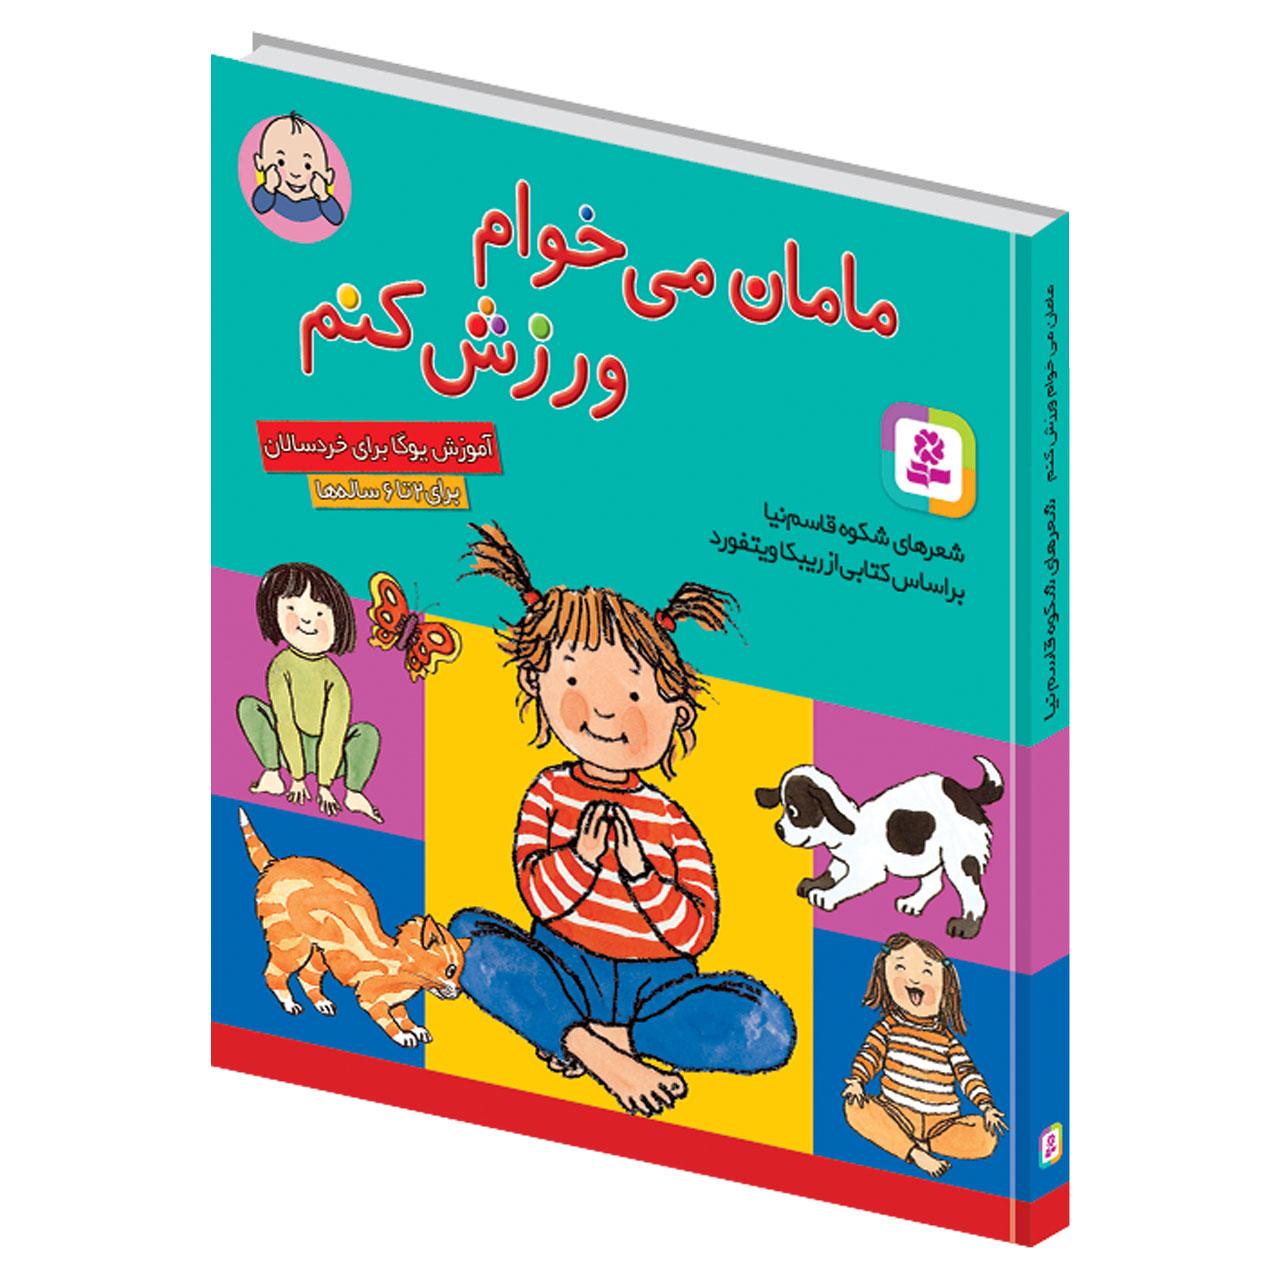 خرید                      کتاب مامان میخوام ورزش کنم اثر شکوه قاسم نیا انتشارات قدیانی